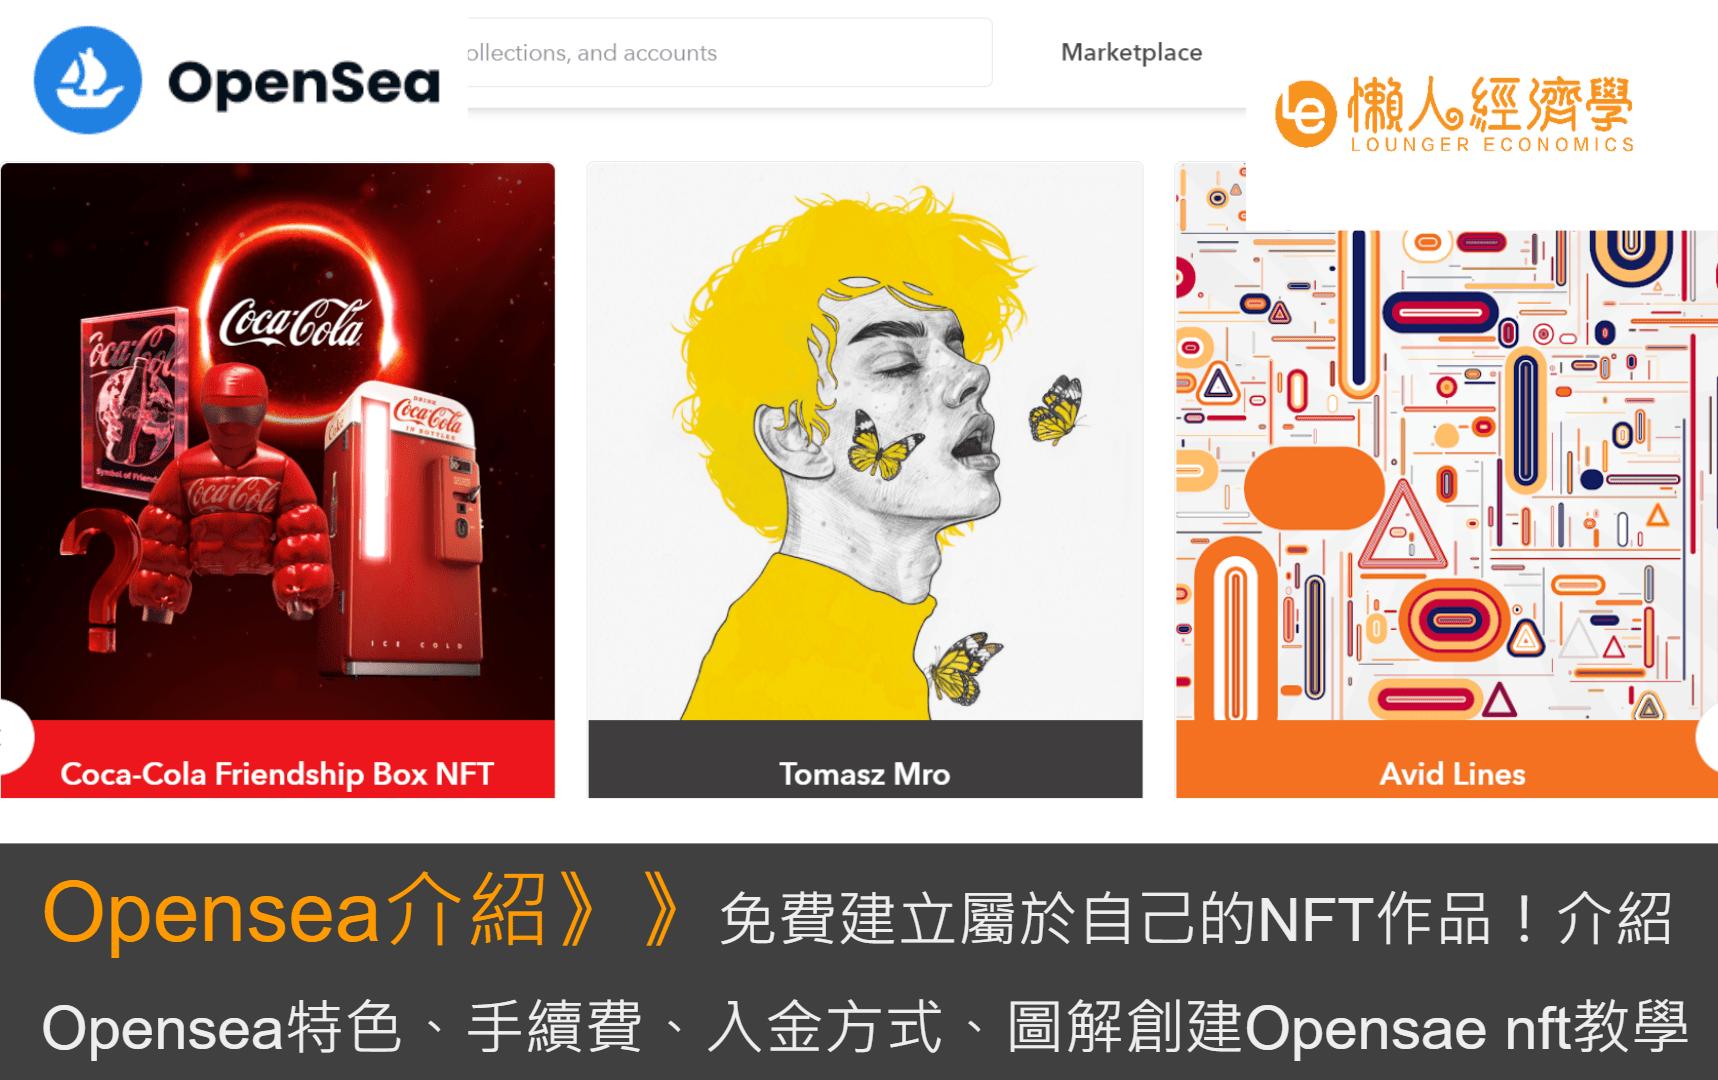 免費建立屬於自己的NFT作品!介紹Opensea特色、手續費、入金方式,以及圖解創建Opensae nft教學